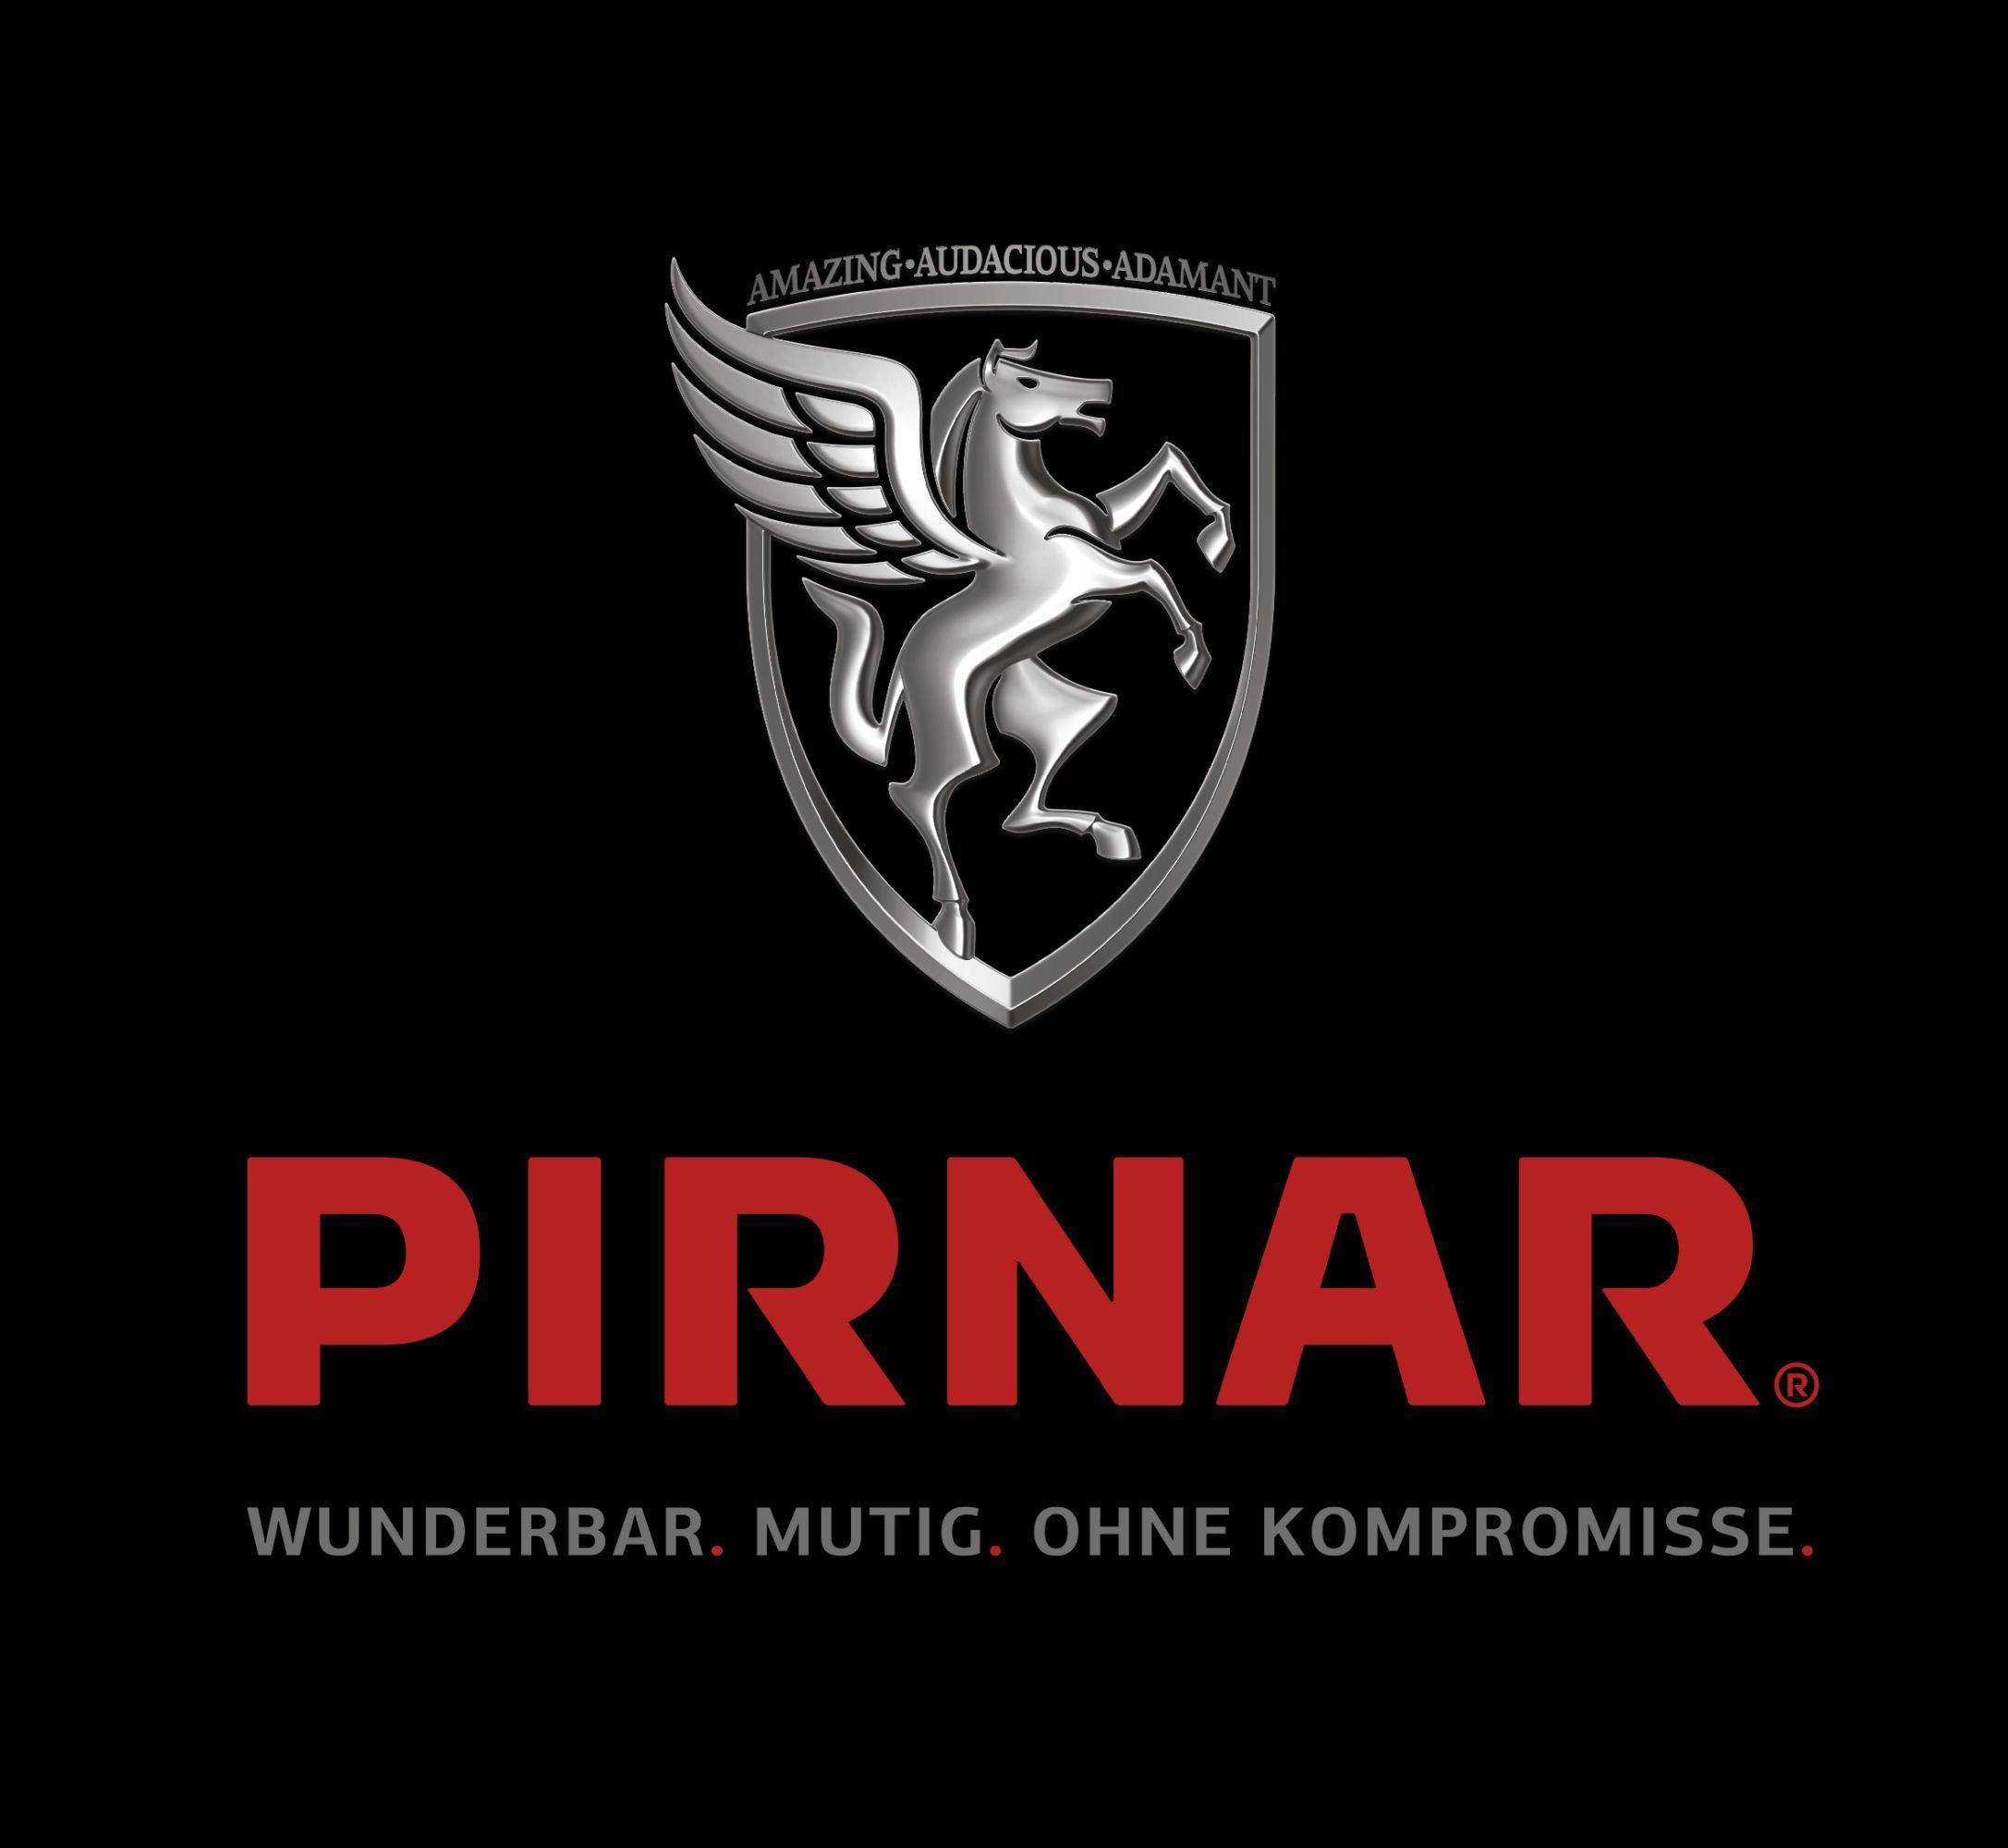 ac-kern-pirnar-0003-1 Innovationen